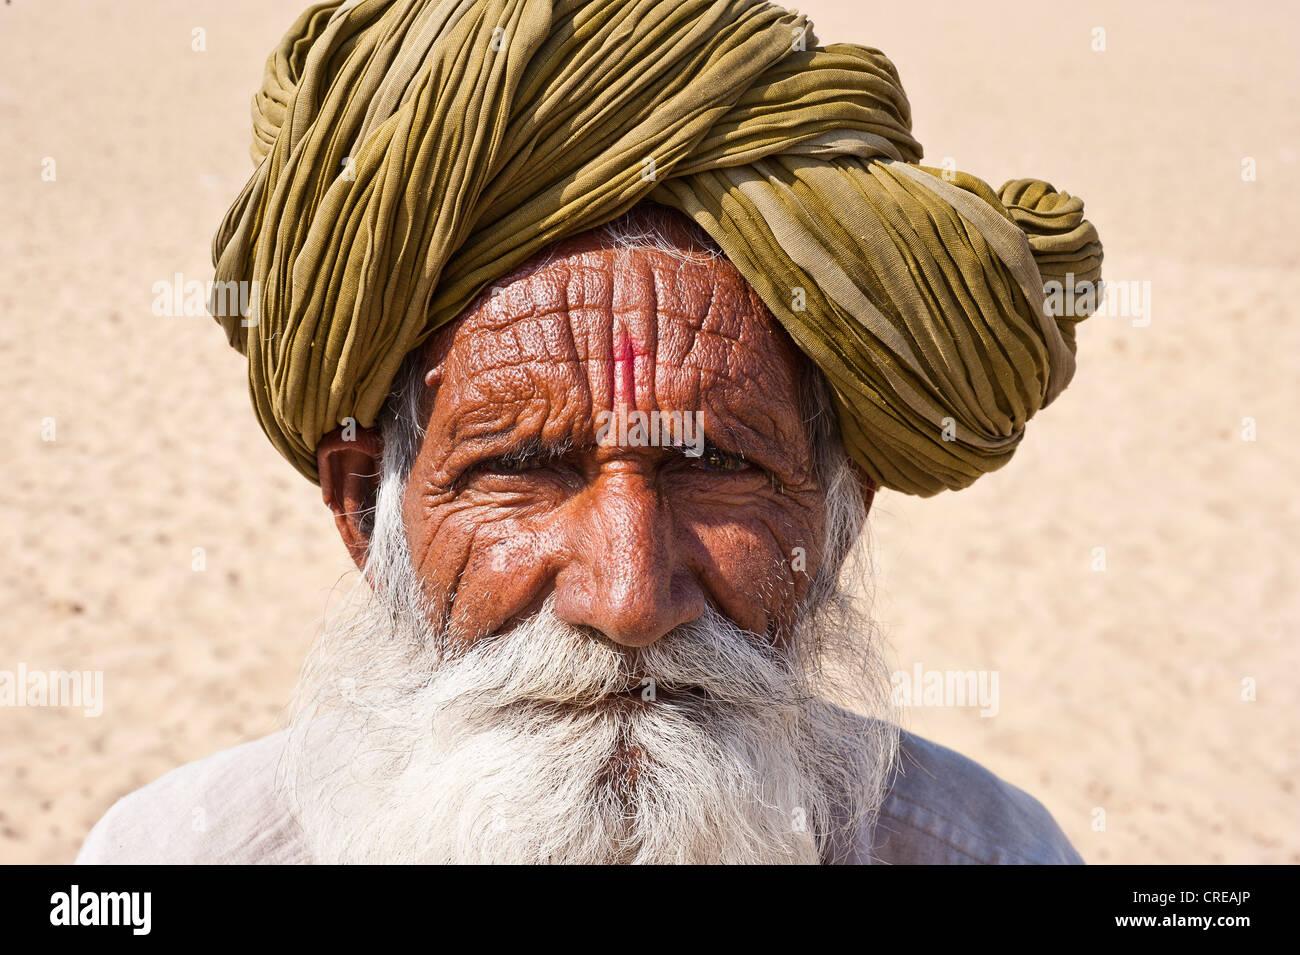 Ritratto di un anziano del Rajasthan, uomo indiano con una barba grigia che indossa un turbante tradizionale, il Immagini Stock